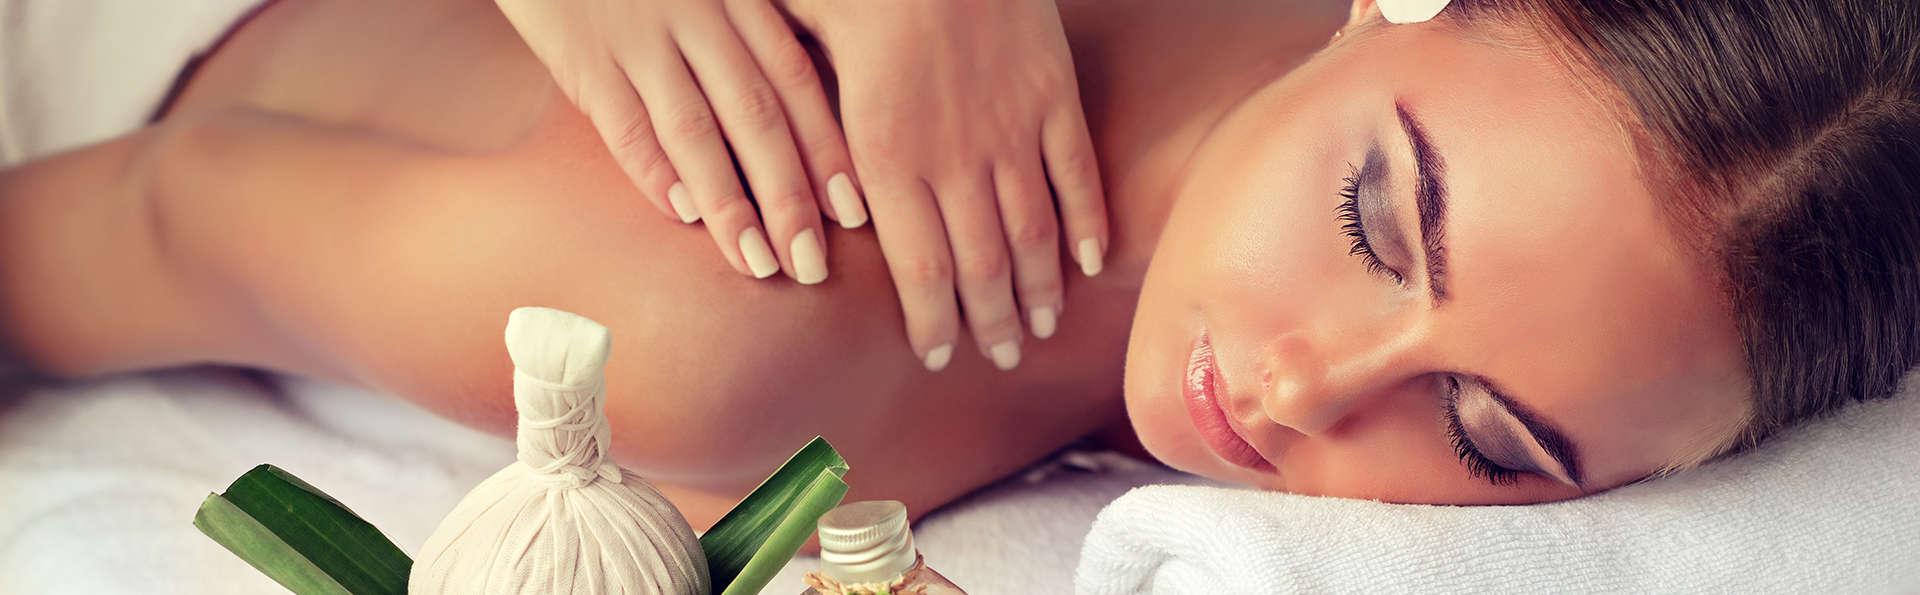 Découvrez Barcelone dans un hôtel design avec spa, massage et dîner (à partir de 2 nuits)